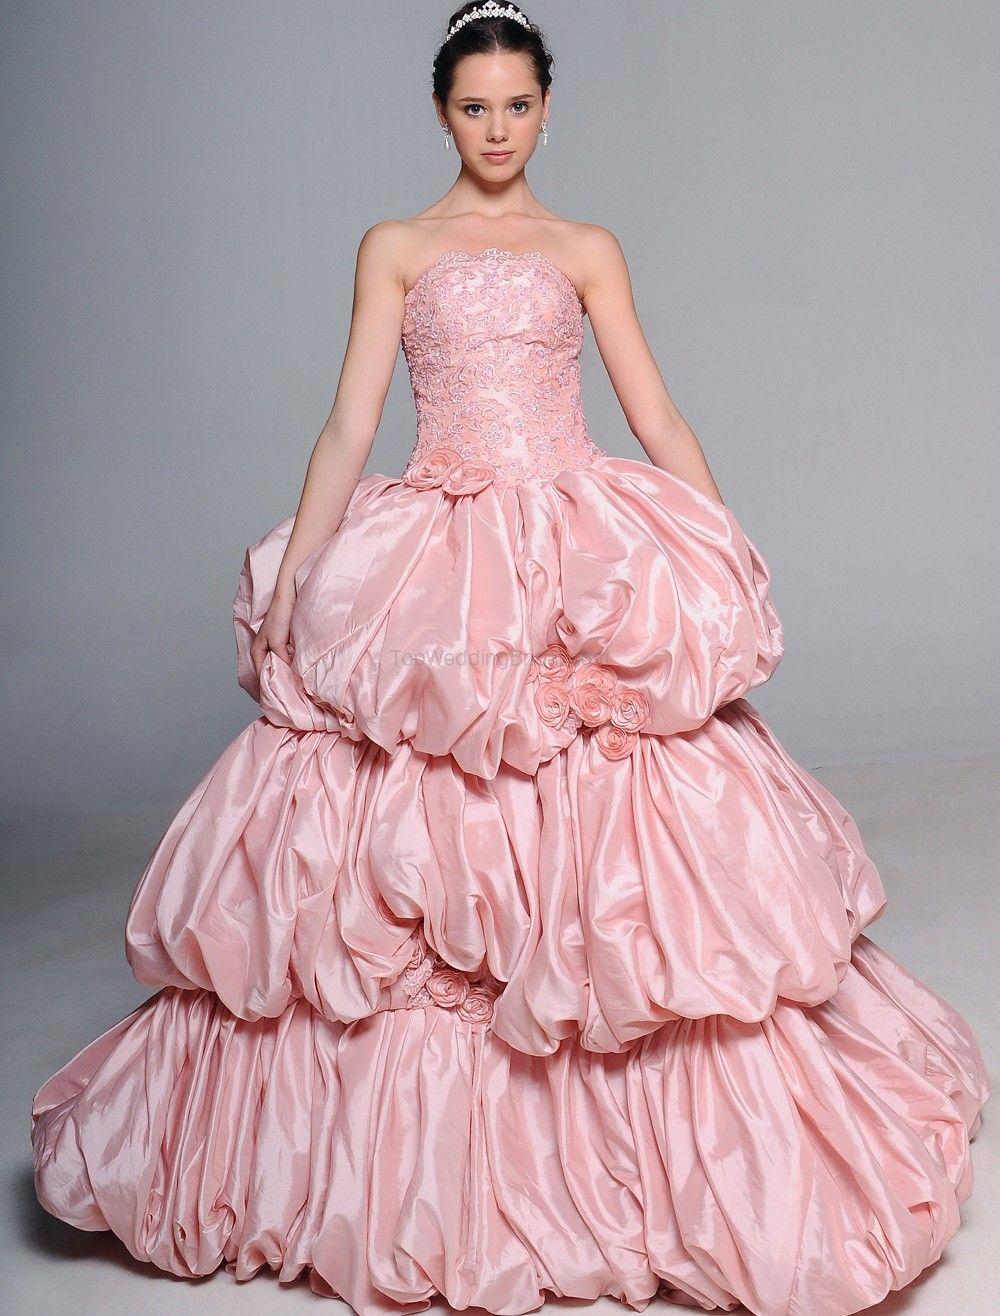 pink wedding gowns 2012 | CINDERELLA ELEGANT QUINCEAÑERA | Pinterest ...